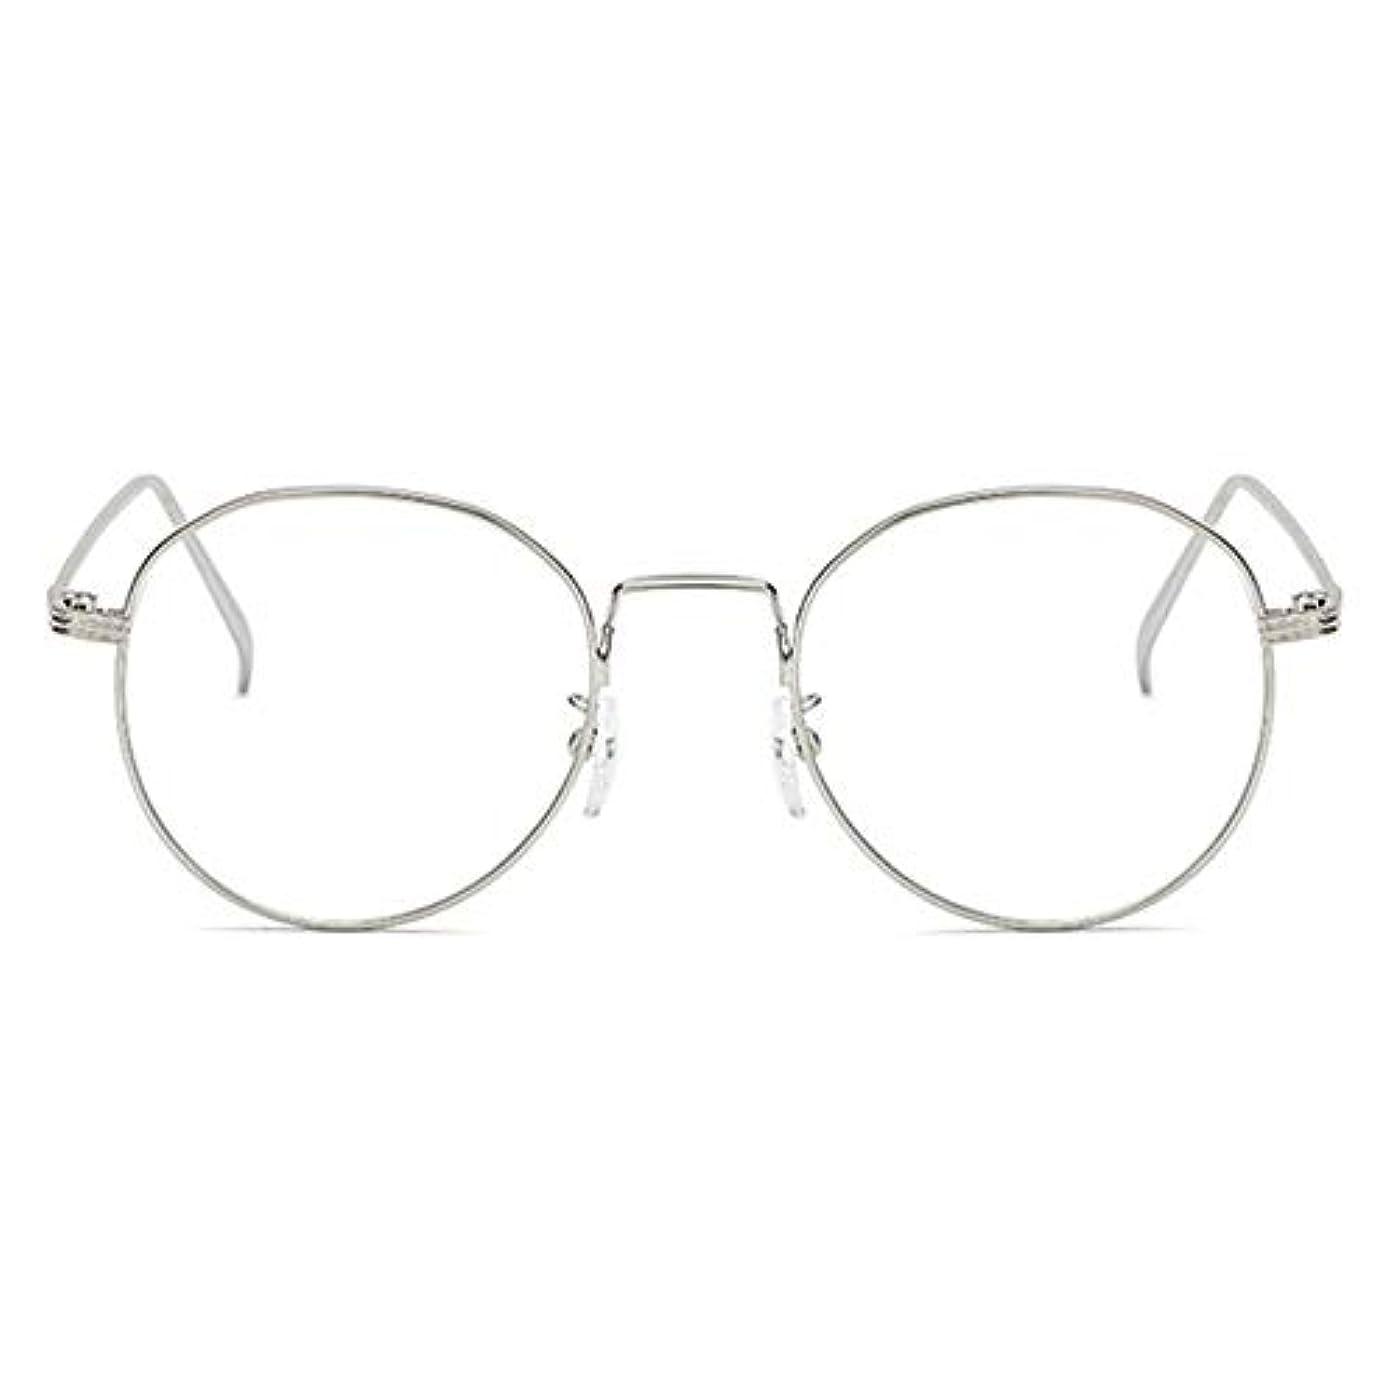 死すべきスチール差し引く丸型アンチブルーライト男性女性メガネ軽量金属フレームプレーンミラーレンズアイウェアメガネ-シルバー